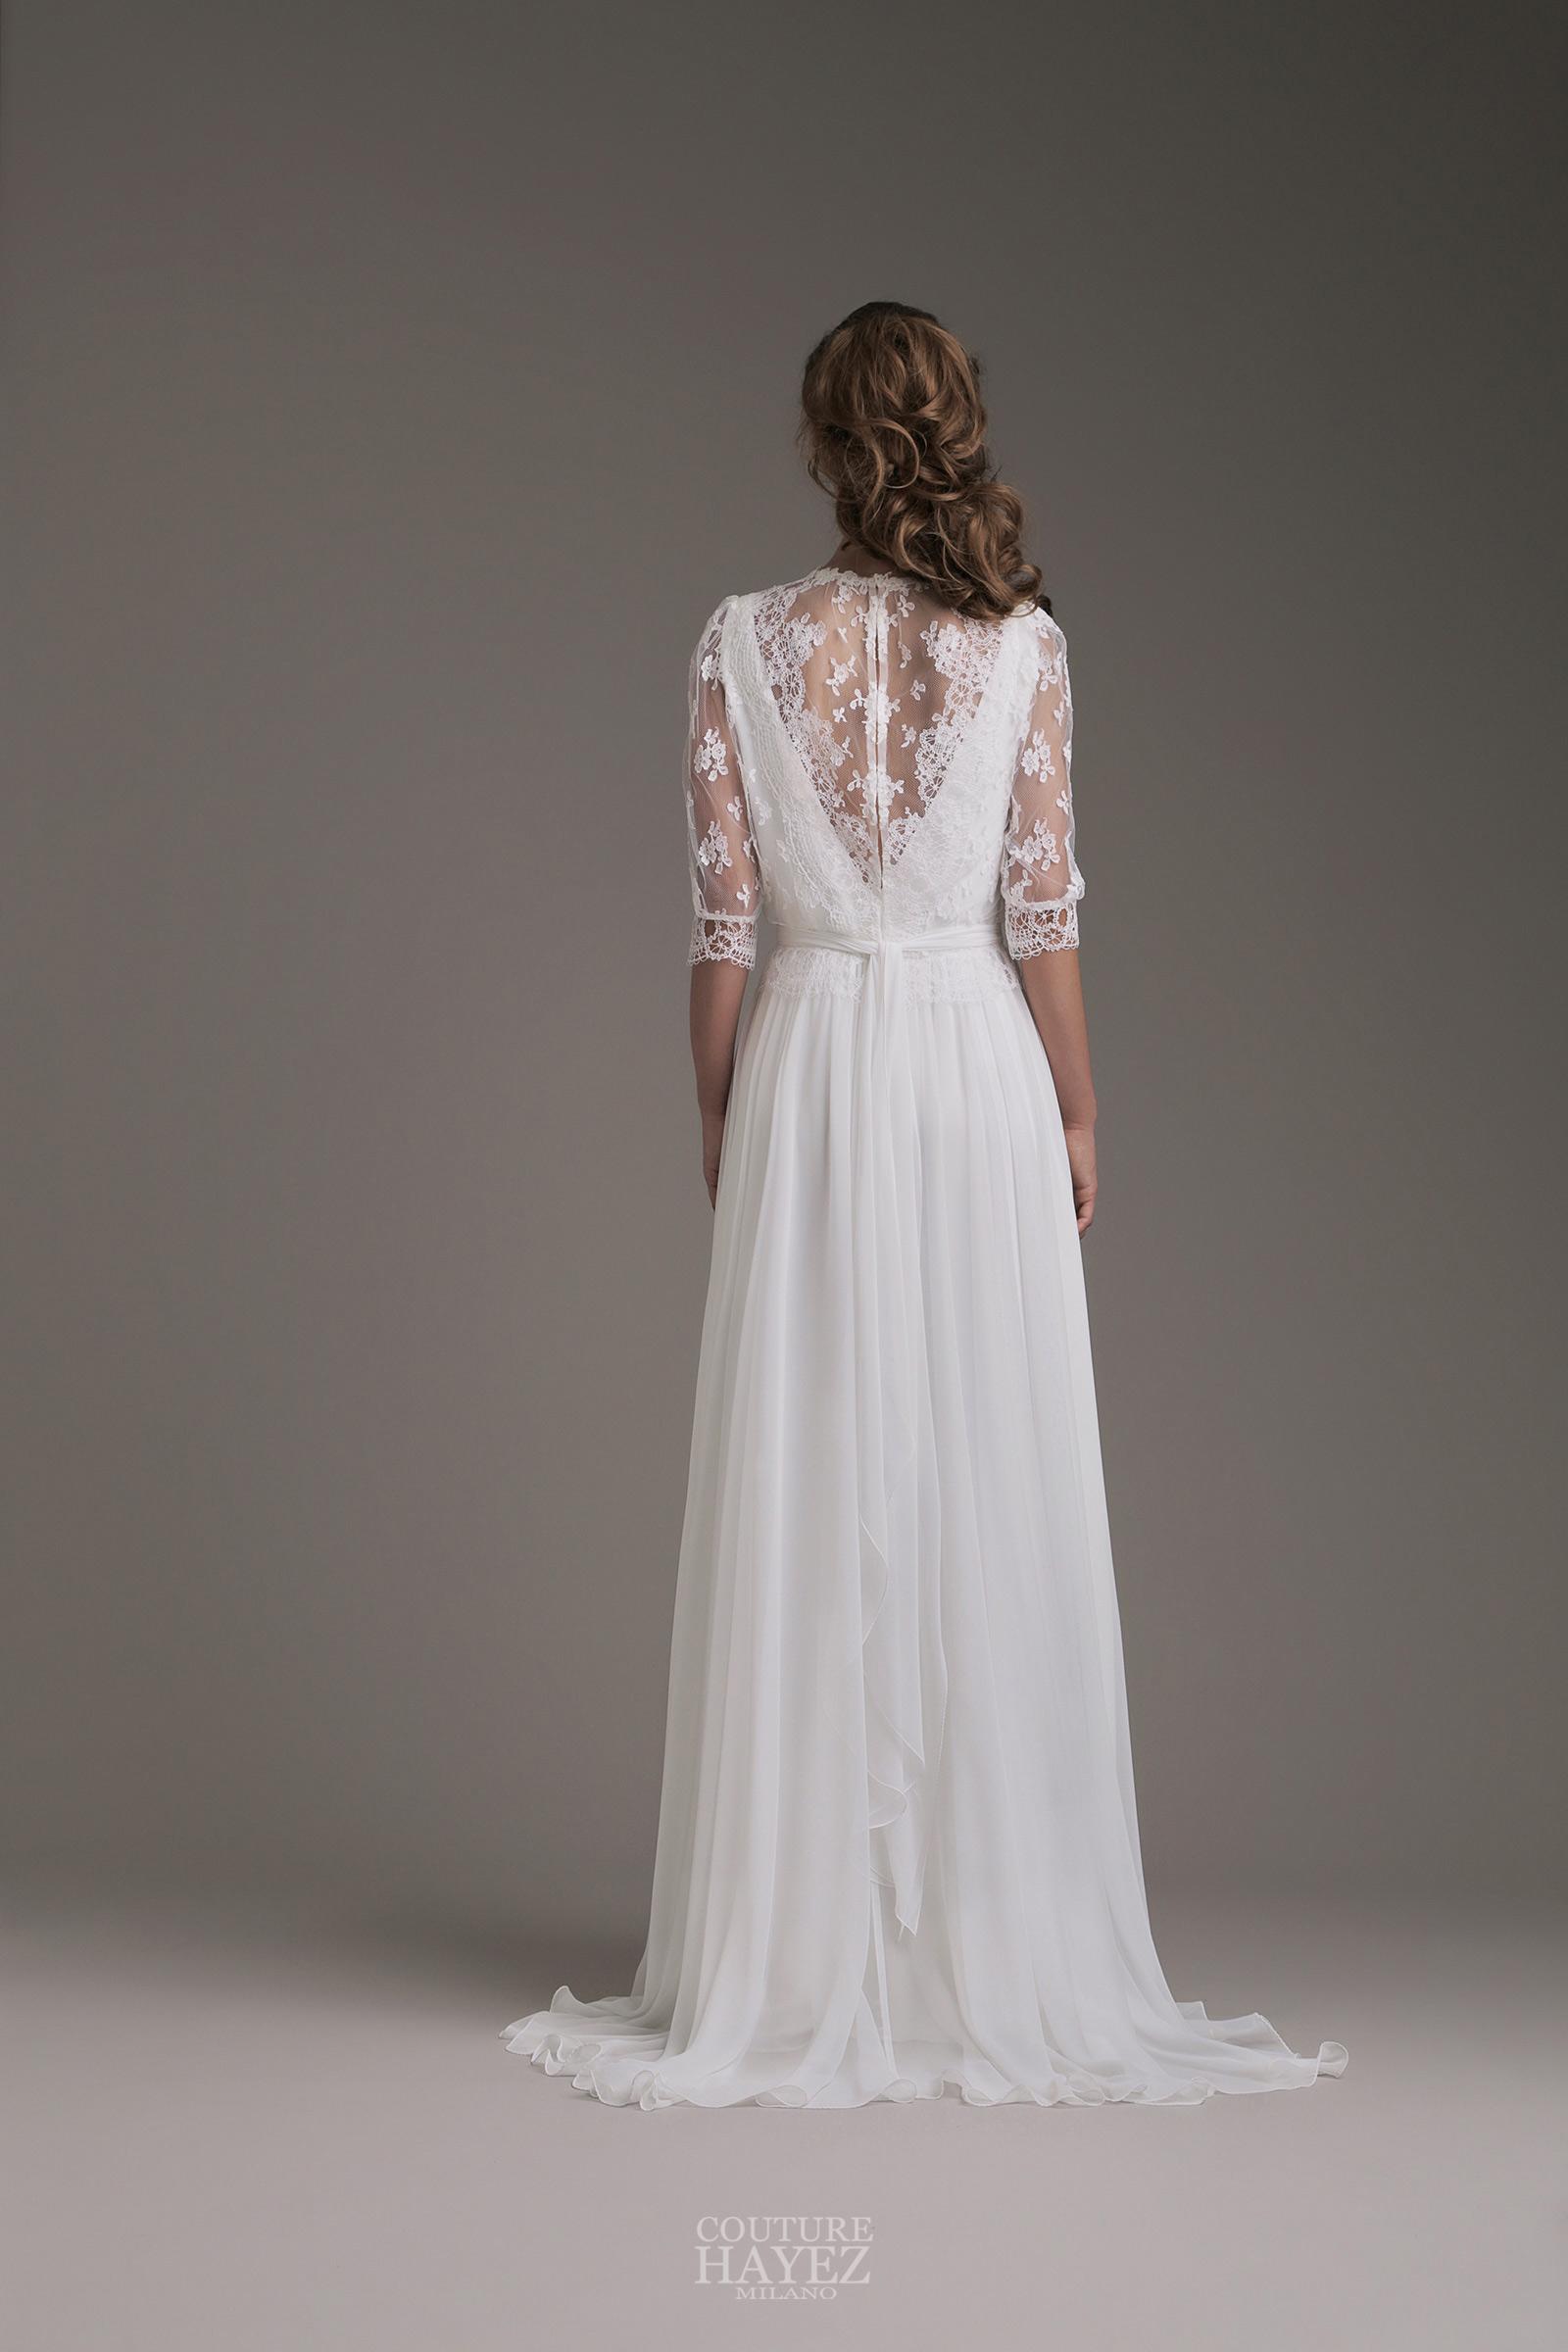 La sposa the bride - 3 2